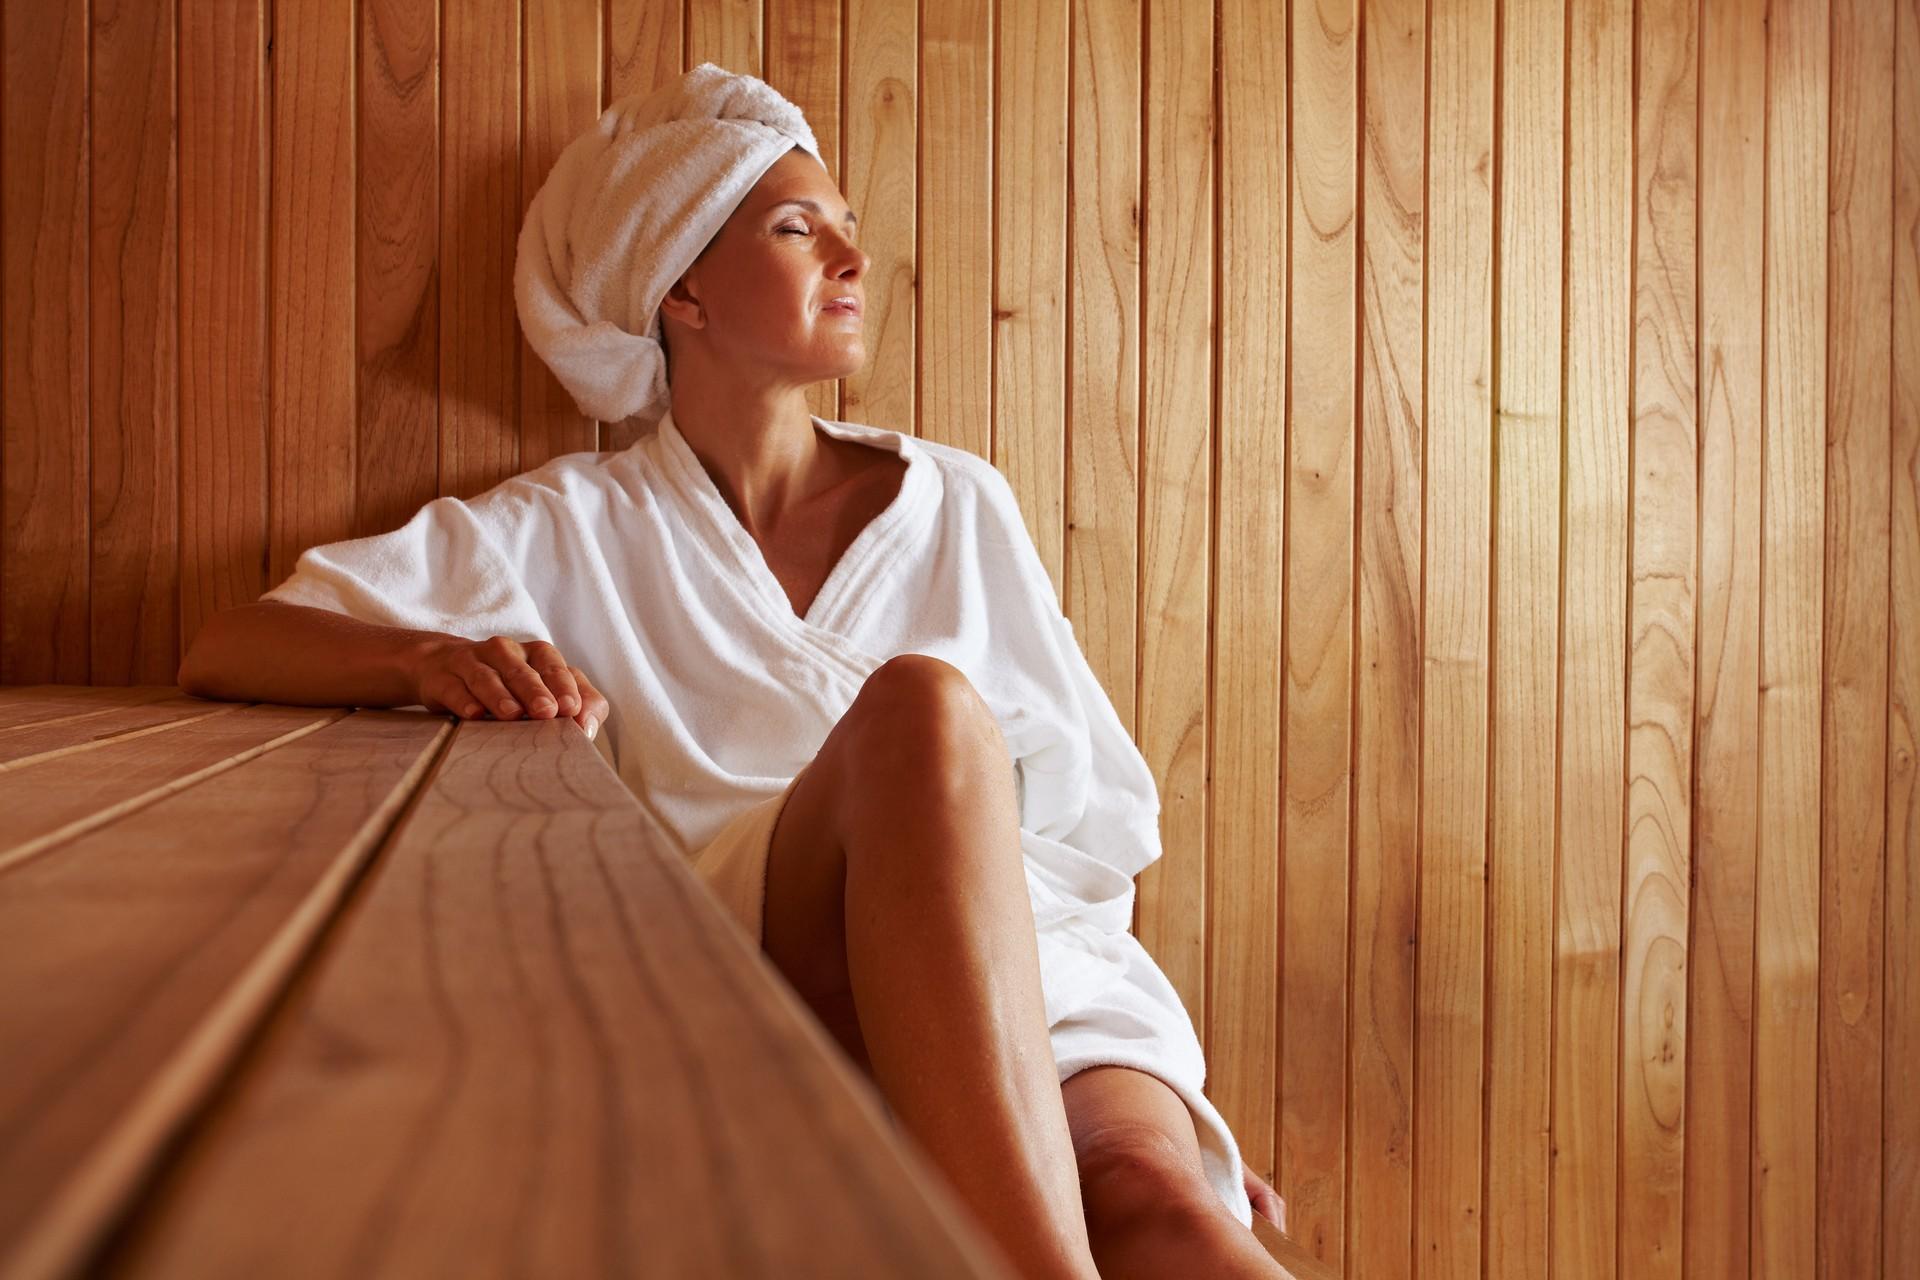 kvalitni sauna a intoxikace organismu